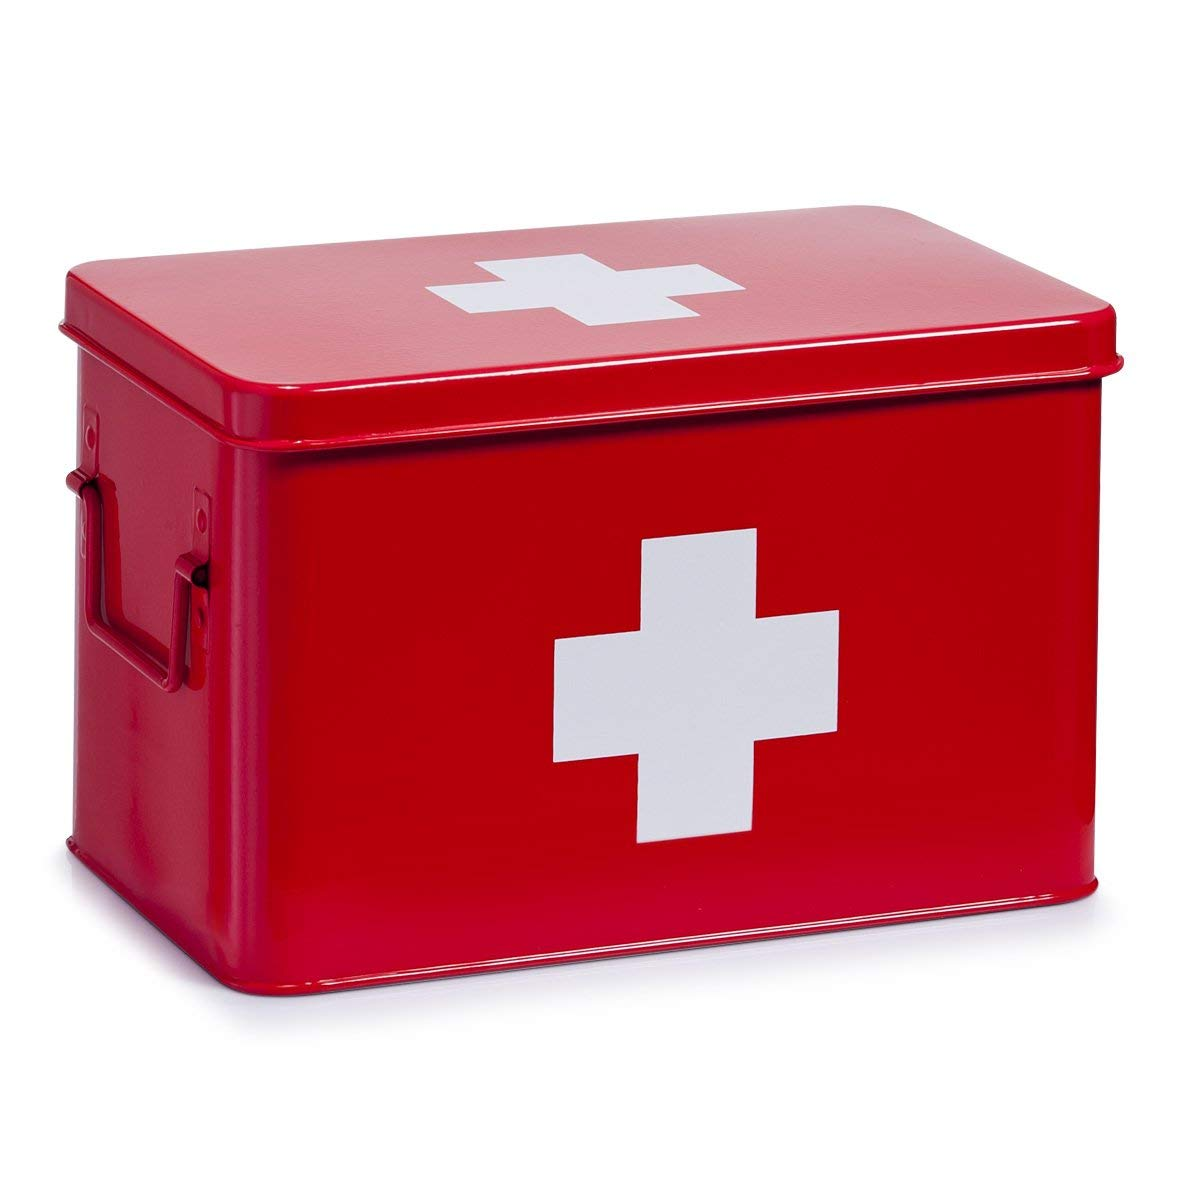 32 x 19,5 x 20 cm Zeller 18116 Boite /à pharmacie en m/ètal rouge